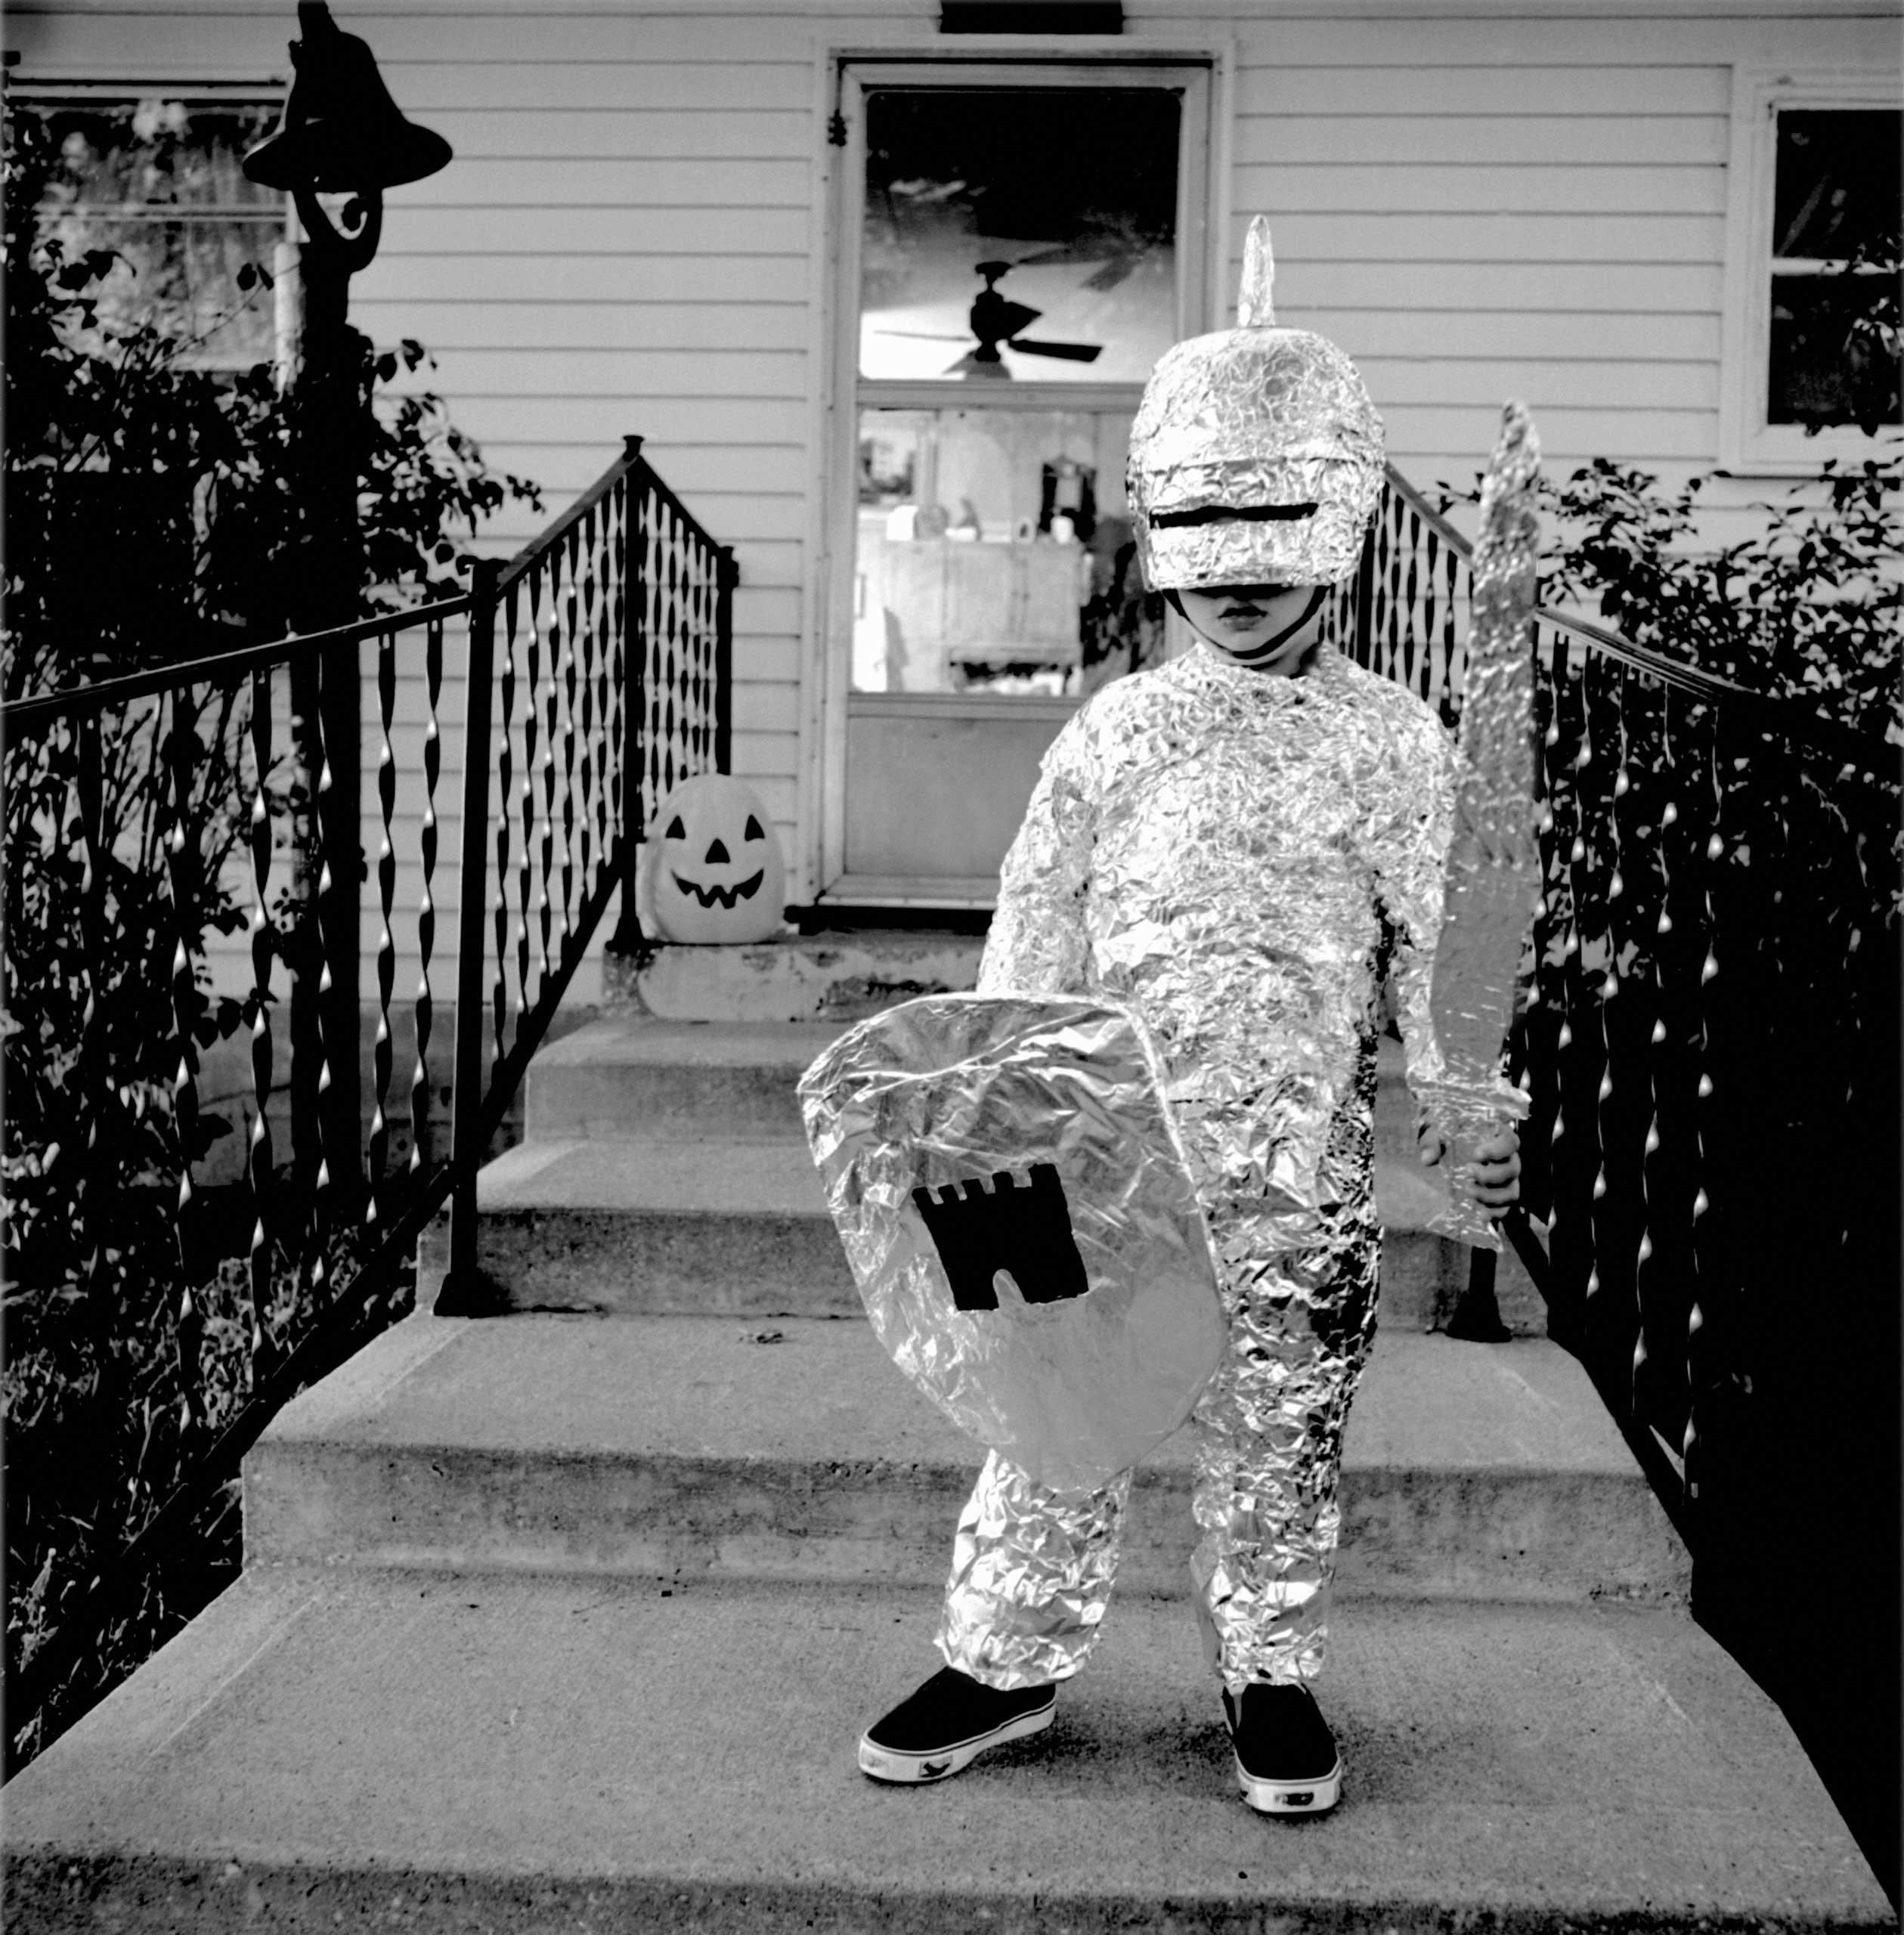 A boy wears a knight costume.